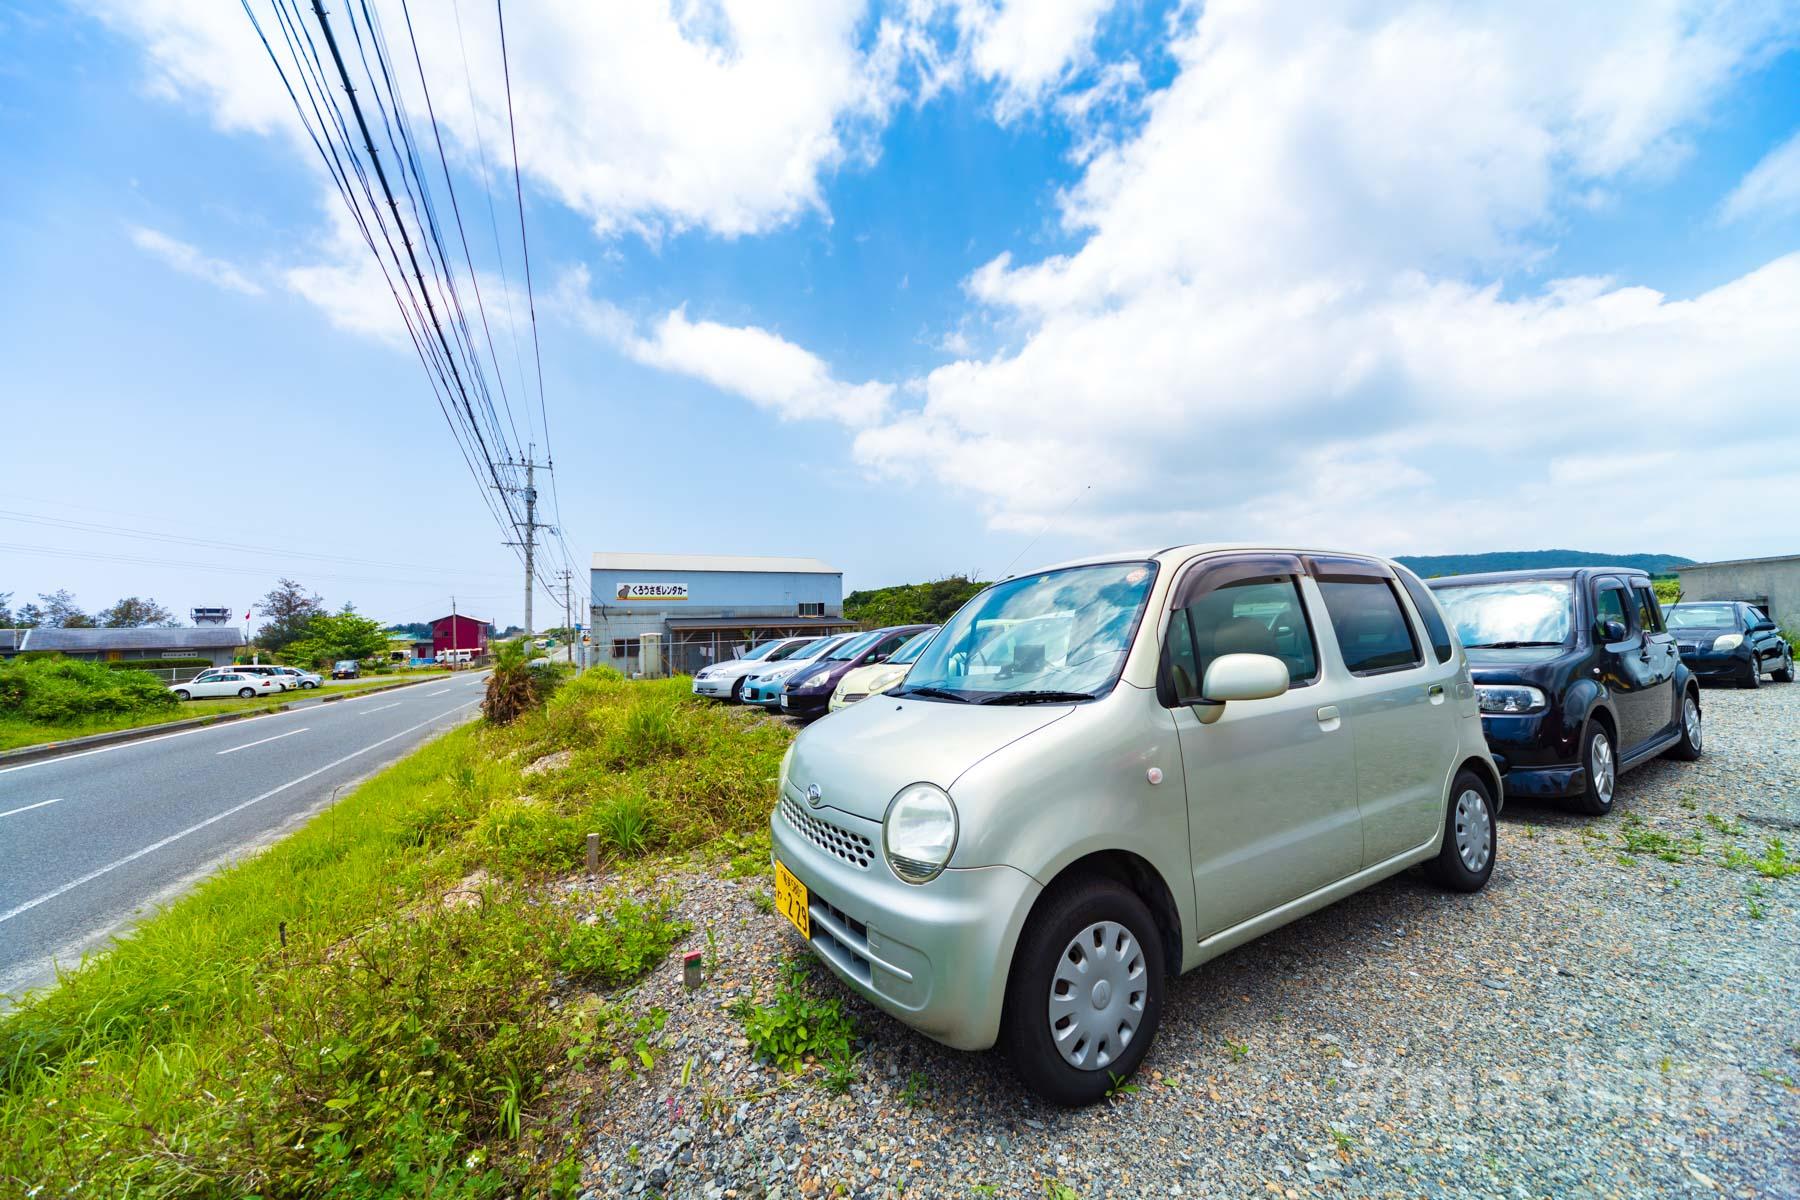 奄美大島 奄美空港近く くろうさぎレンタカー 観光案内 マチイロ写真